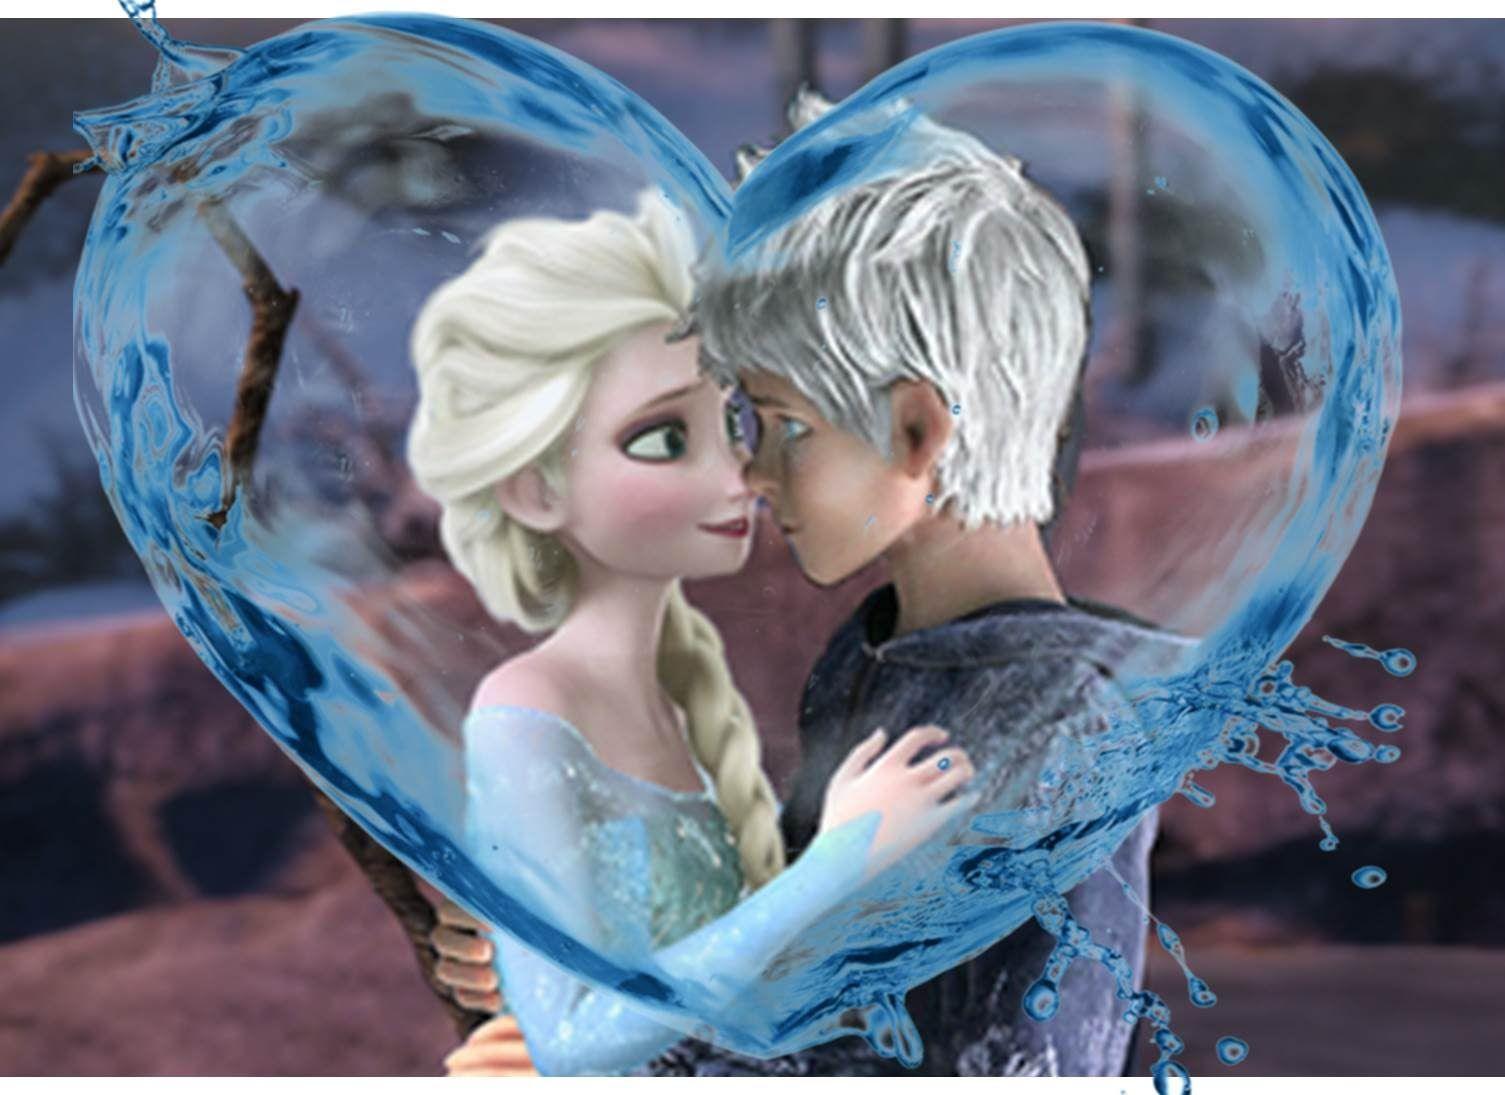 Эльза и Джек картинки их любви, красивые скетчы (2)